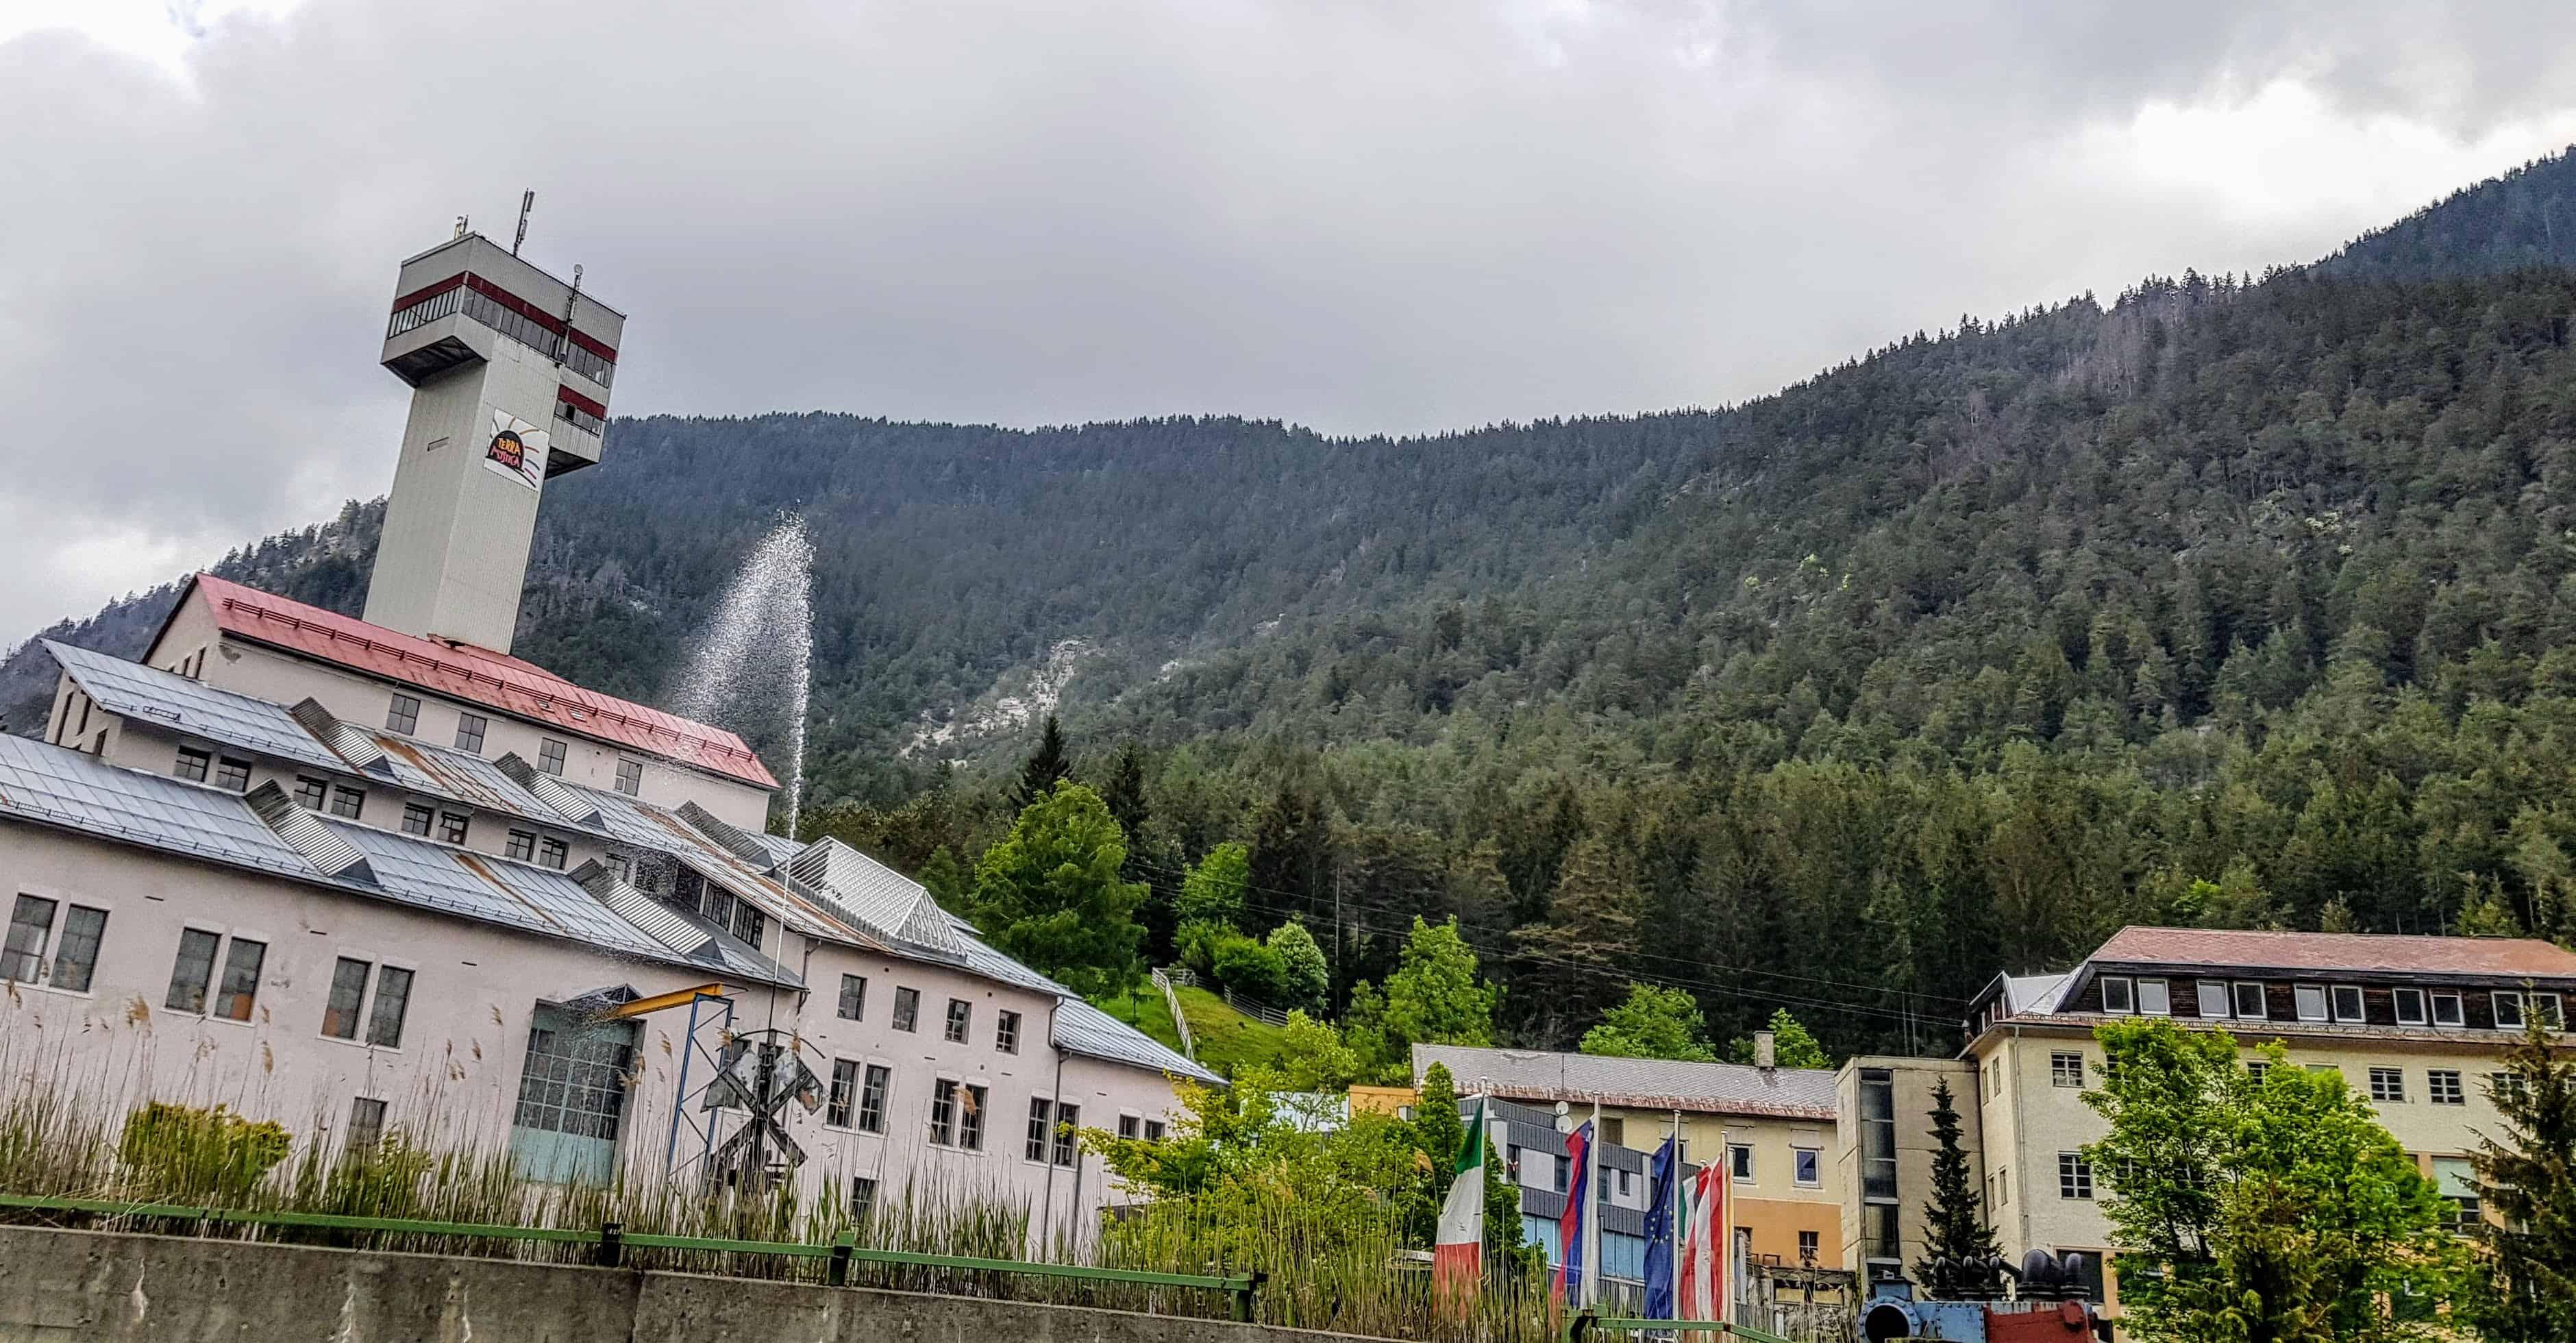 Das sehenswerte Schaubergwerk Terra Mystica in Bad Bleiberg bei Villach - Gebäude von außen